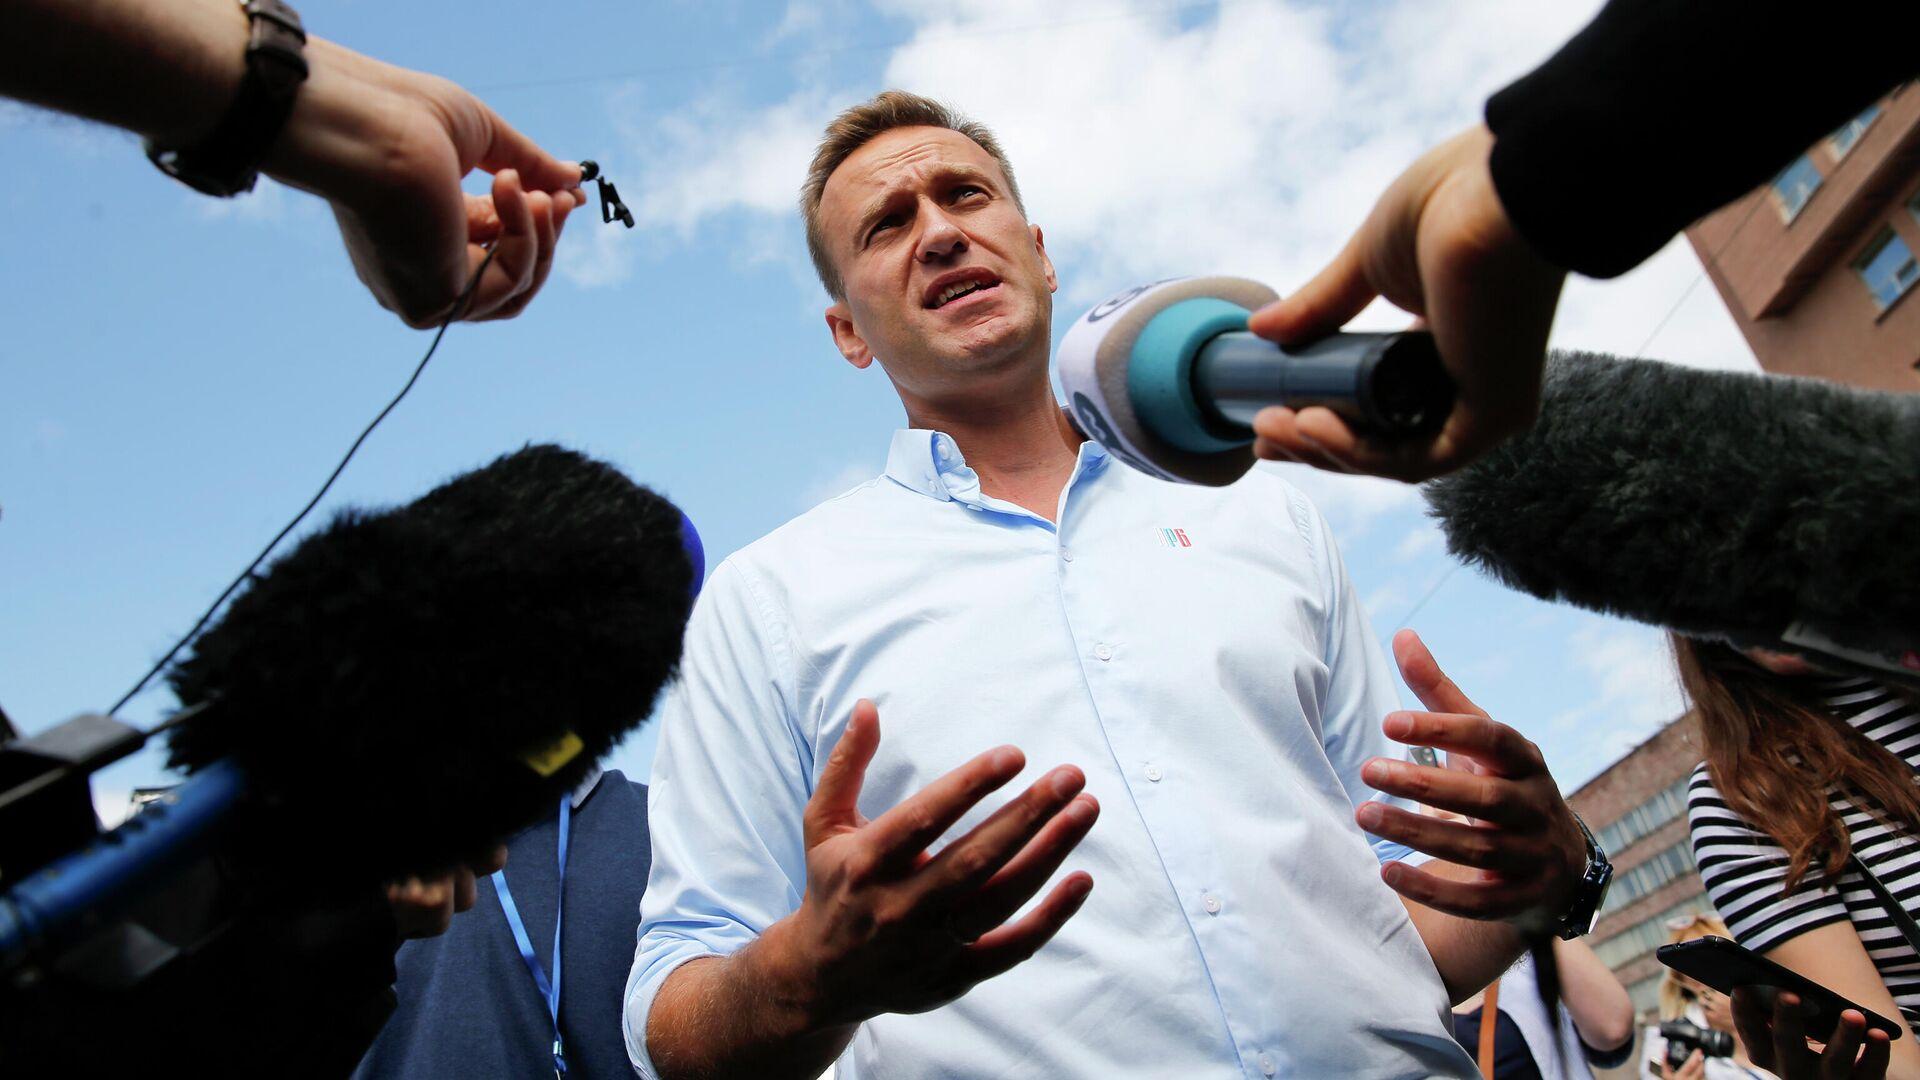 Эксперт рассказал, что могут сделать с бутылкой из дела Навального